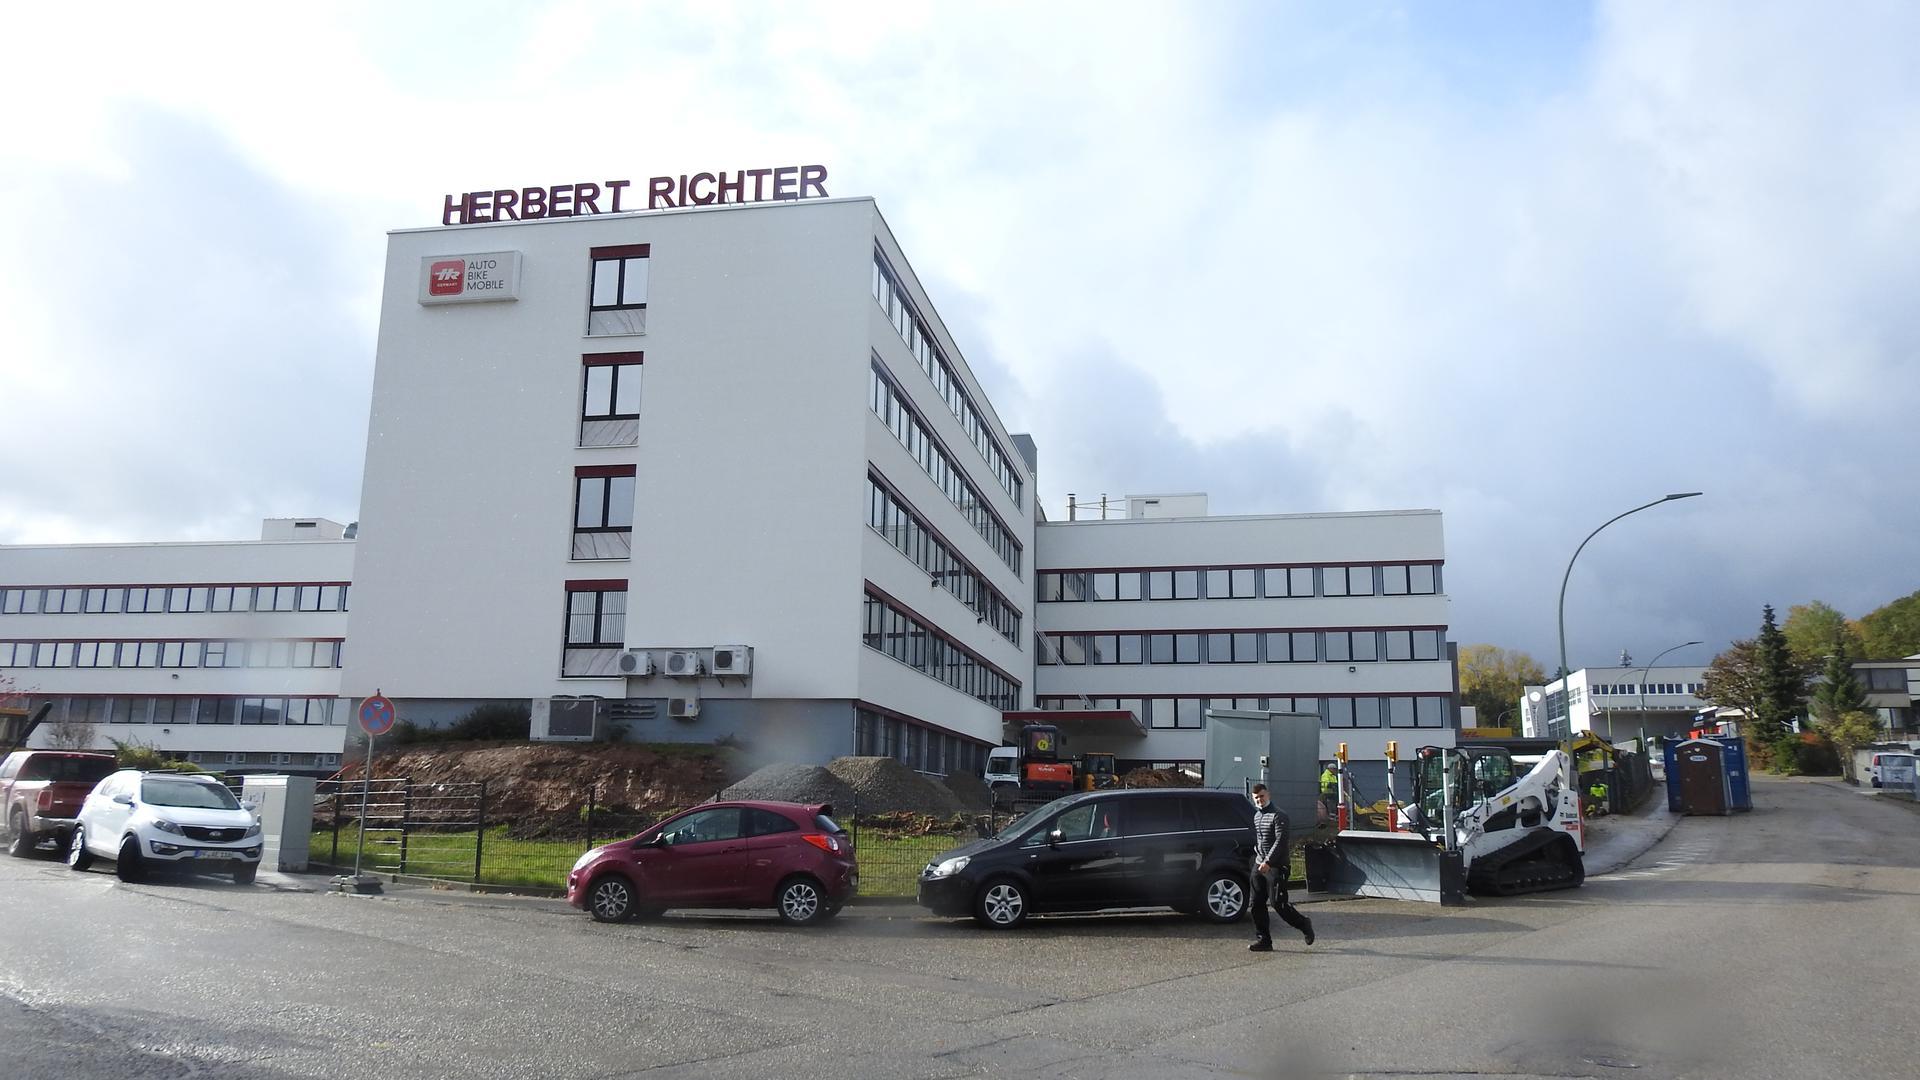 Betriebsgelände der zum 30. April 2020 aufgegebenen Firma Herbert Richter in Büchenbronn